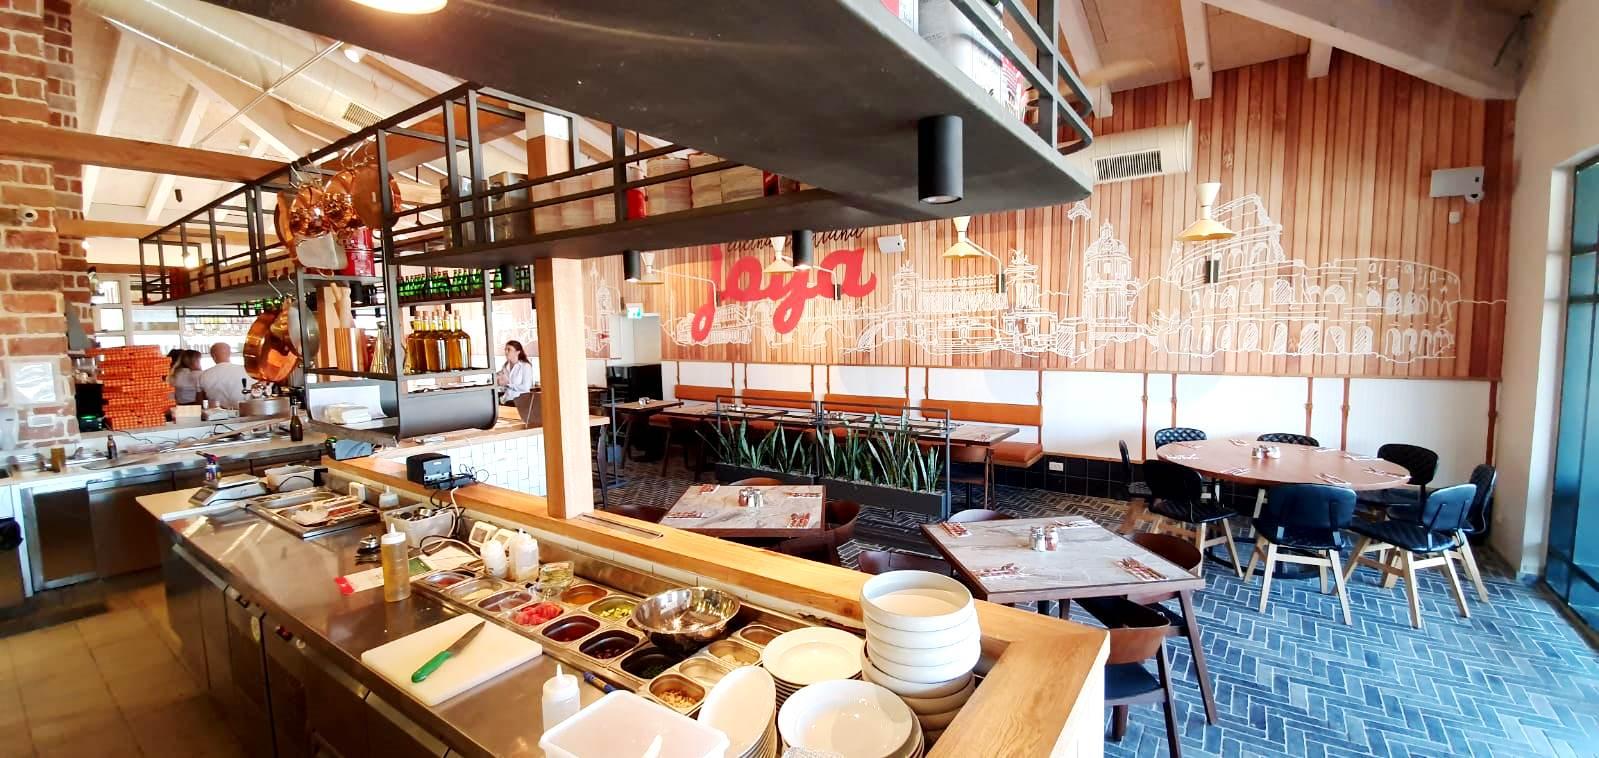 ג'ויה מסעדות איטלקיות פותחת סניף כשר בראש פינה